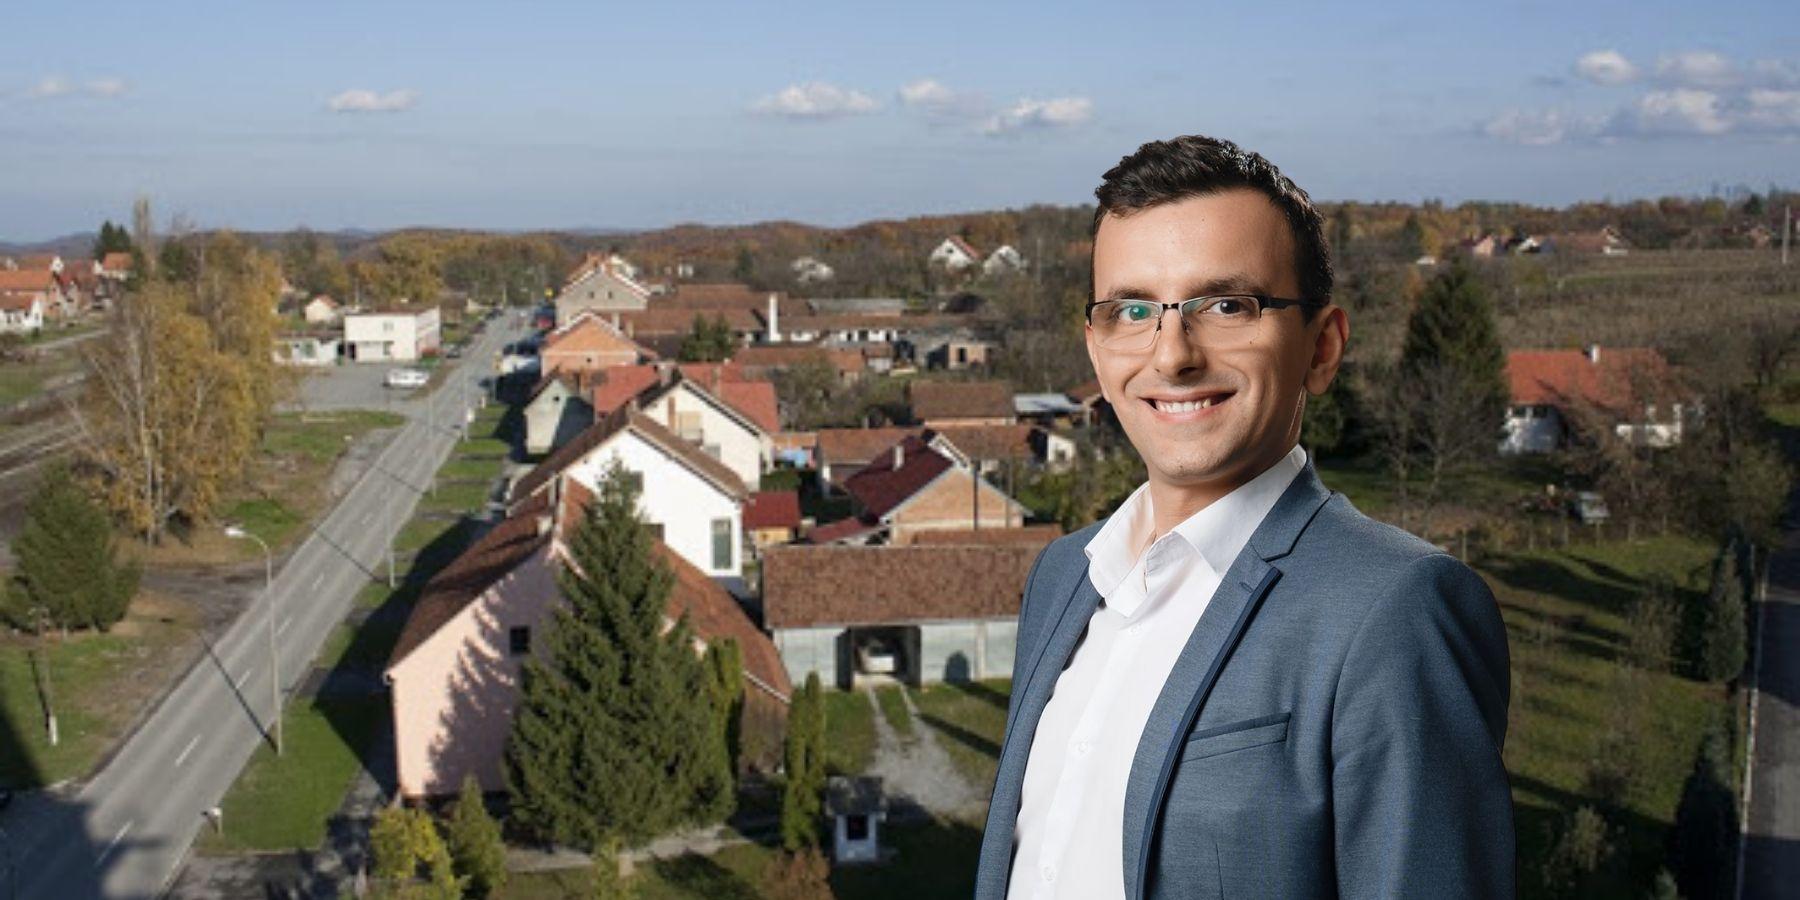 Posao u Općini Đulovac dobio partner koji načelniku drži većinu u Vijeću